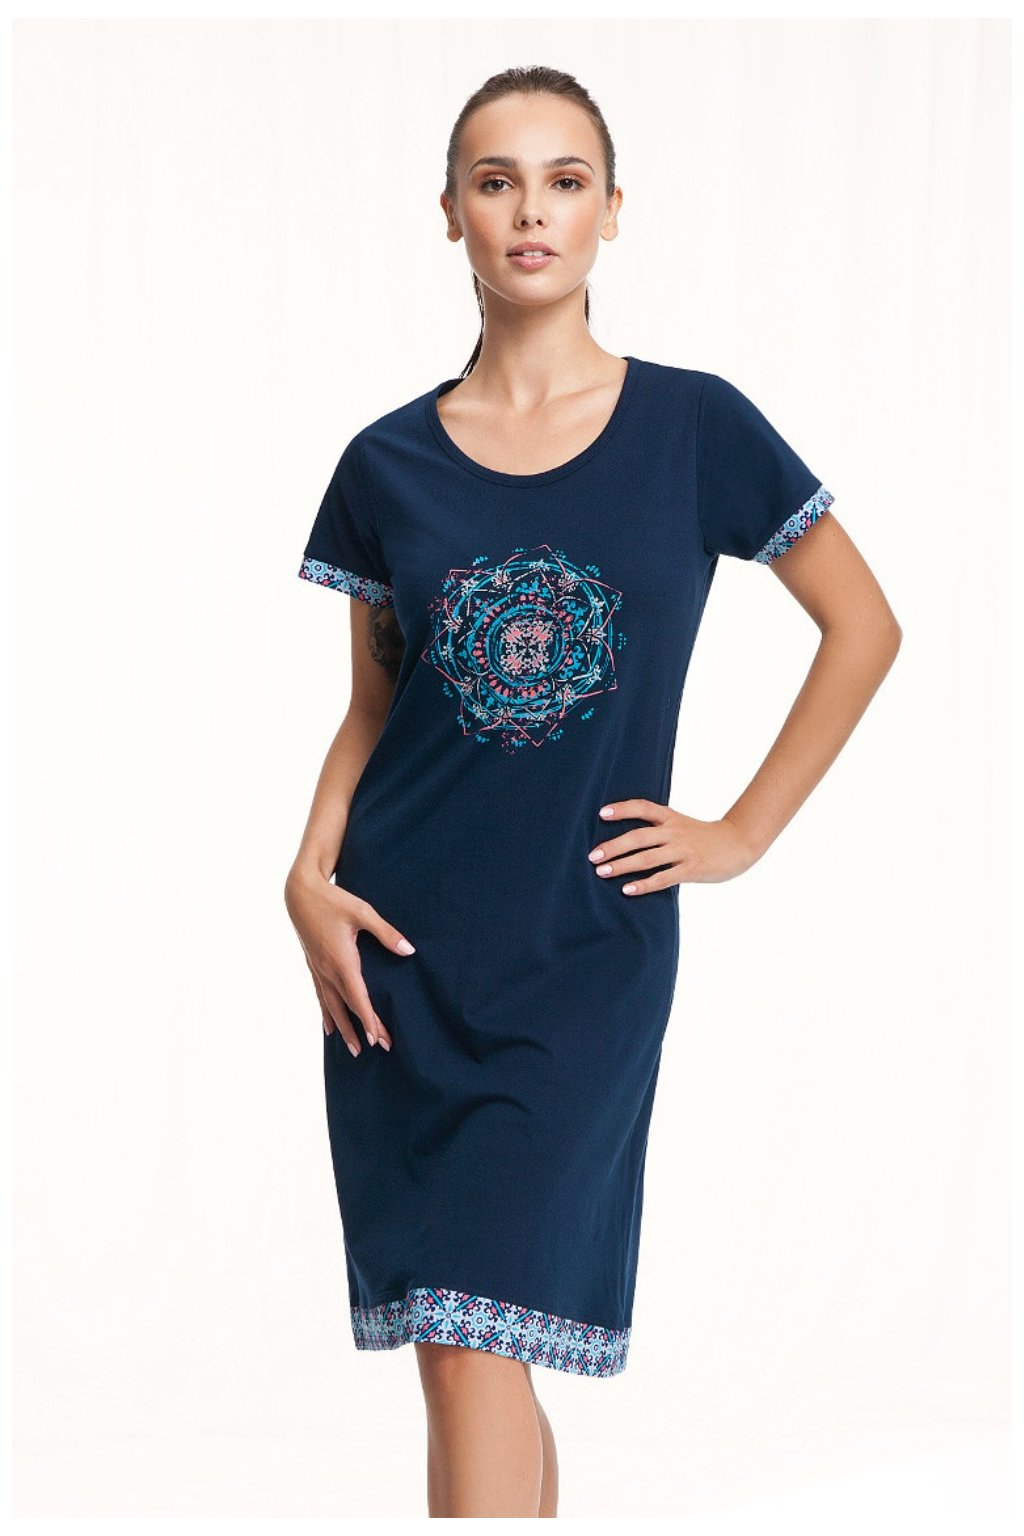 Modrá dámská noční košile s krátkým rukávem Luna 298